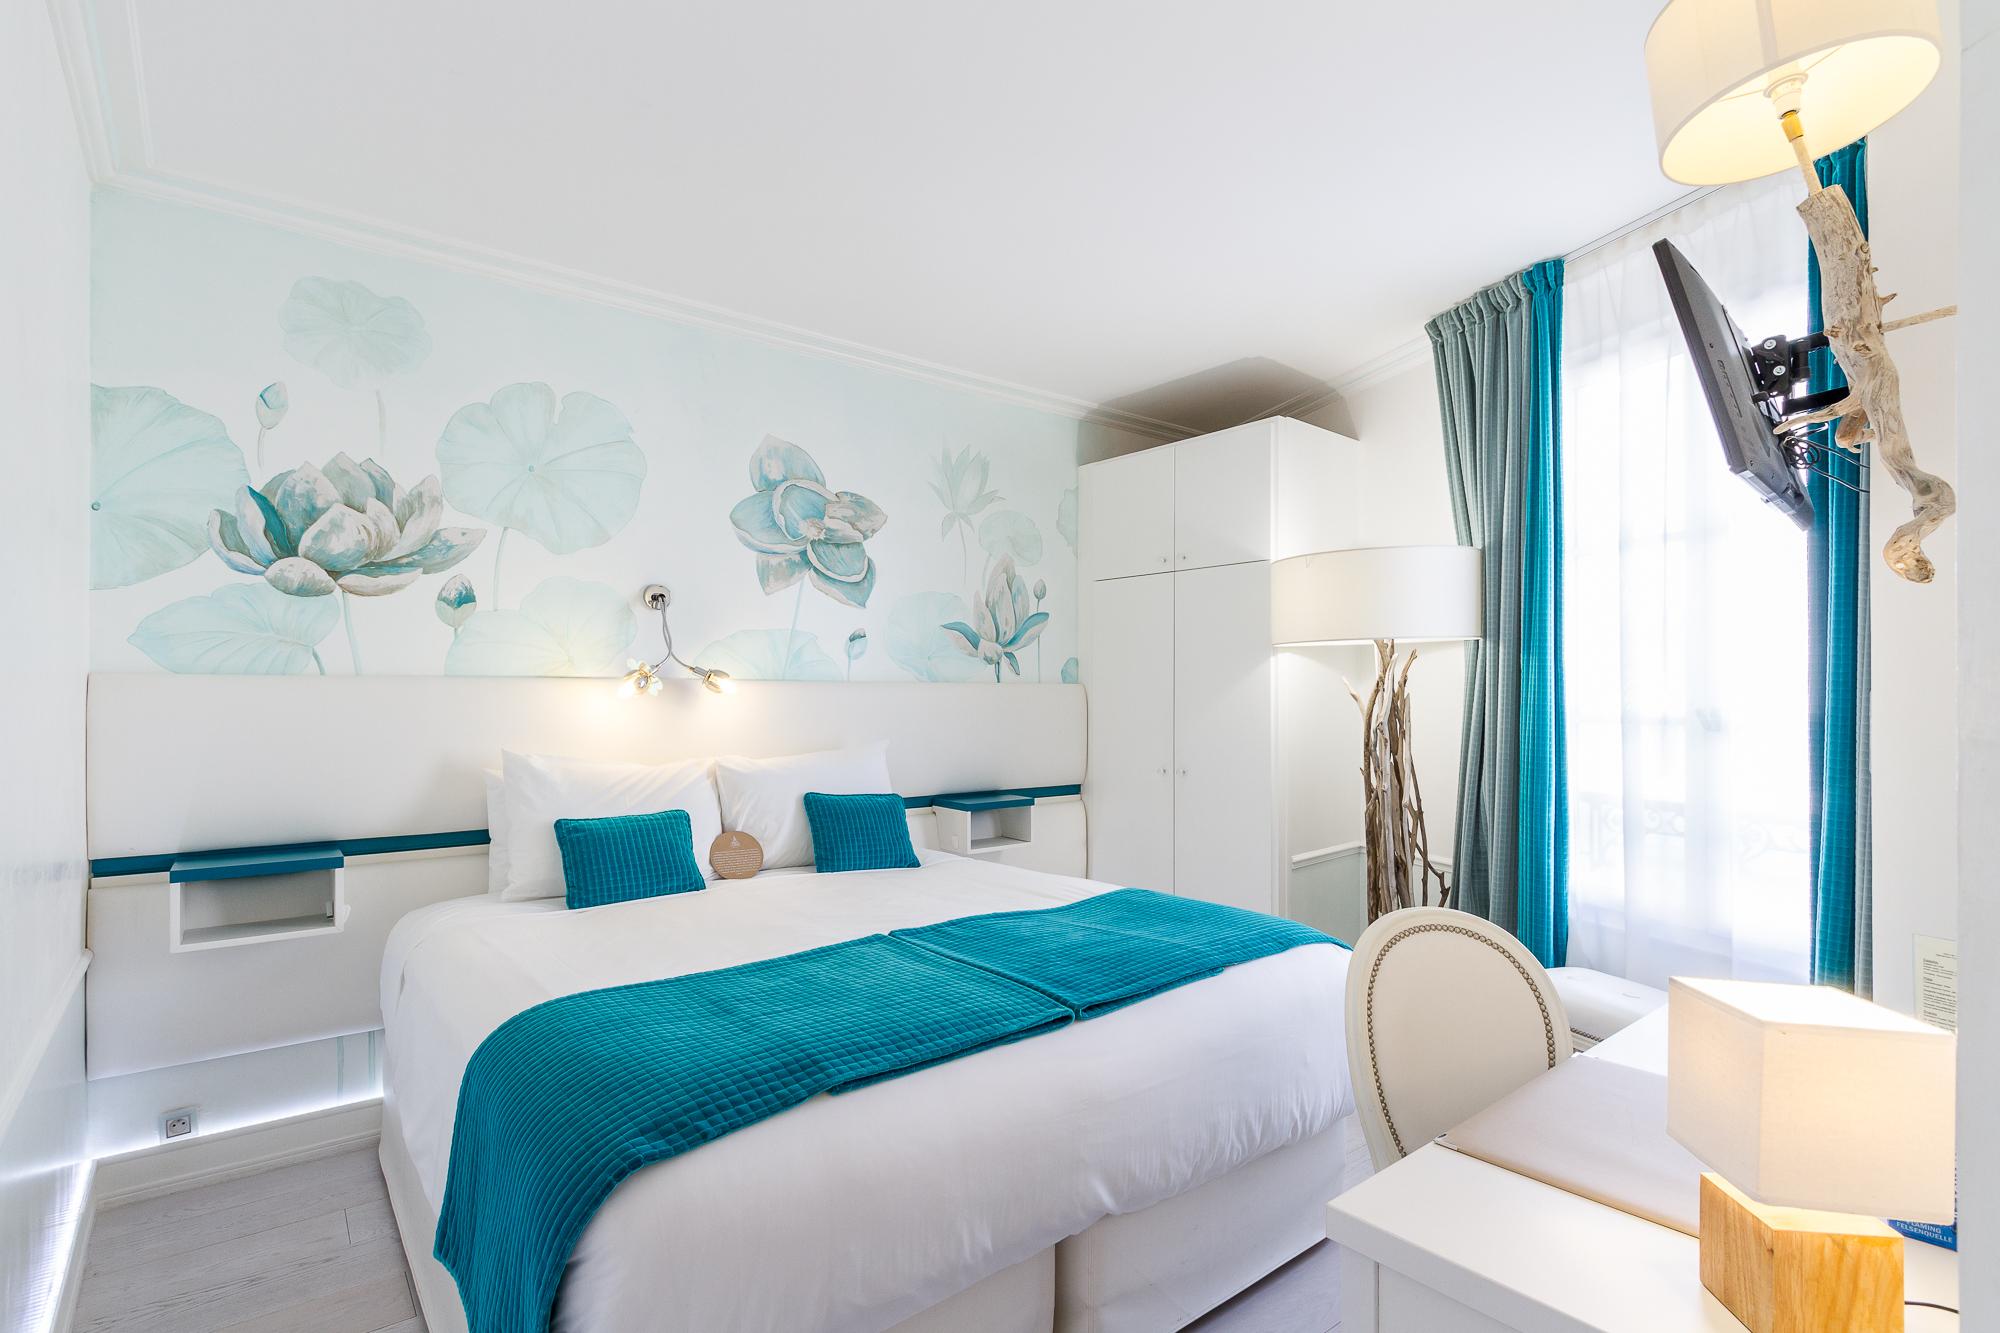 Chambre familiale hotel eiffel trocadero paris - Hotel chambre familiale paris ...